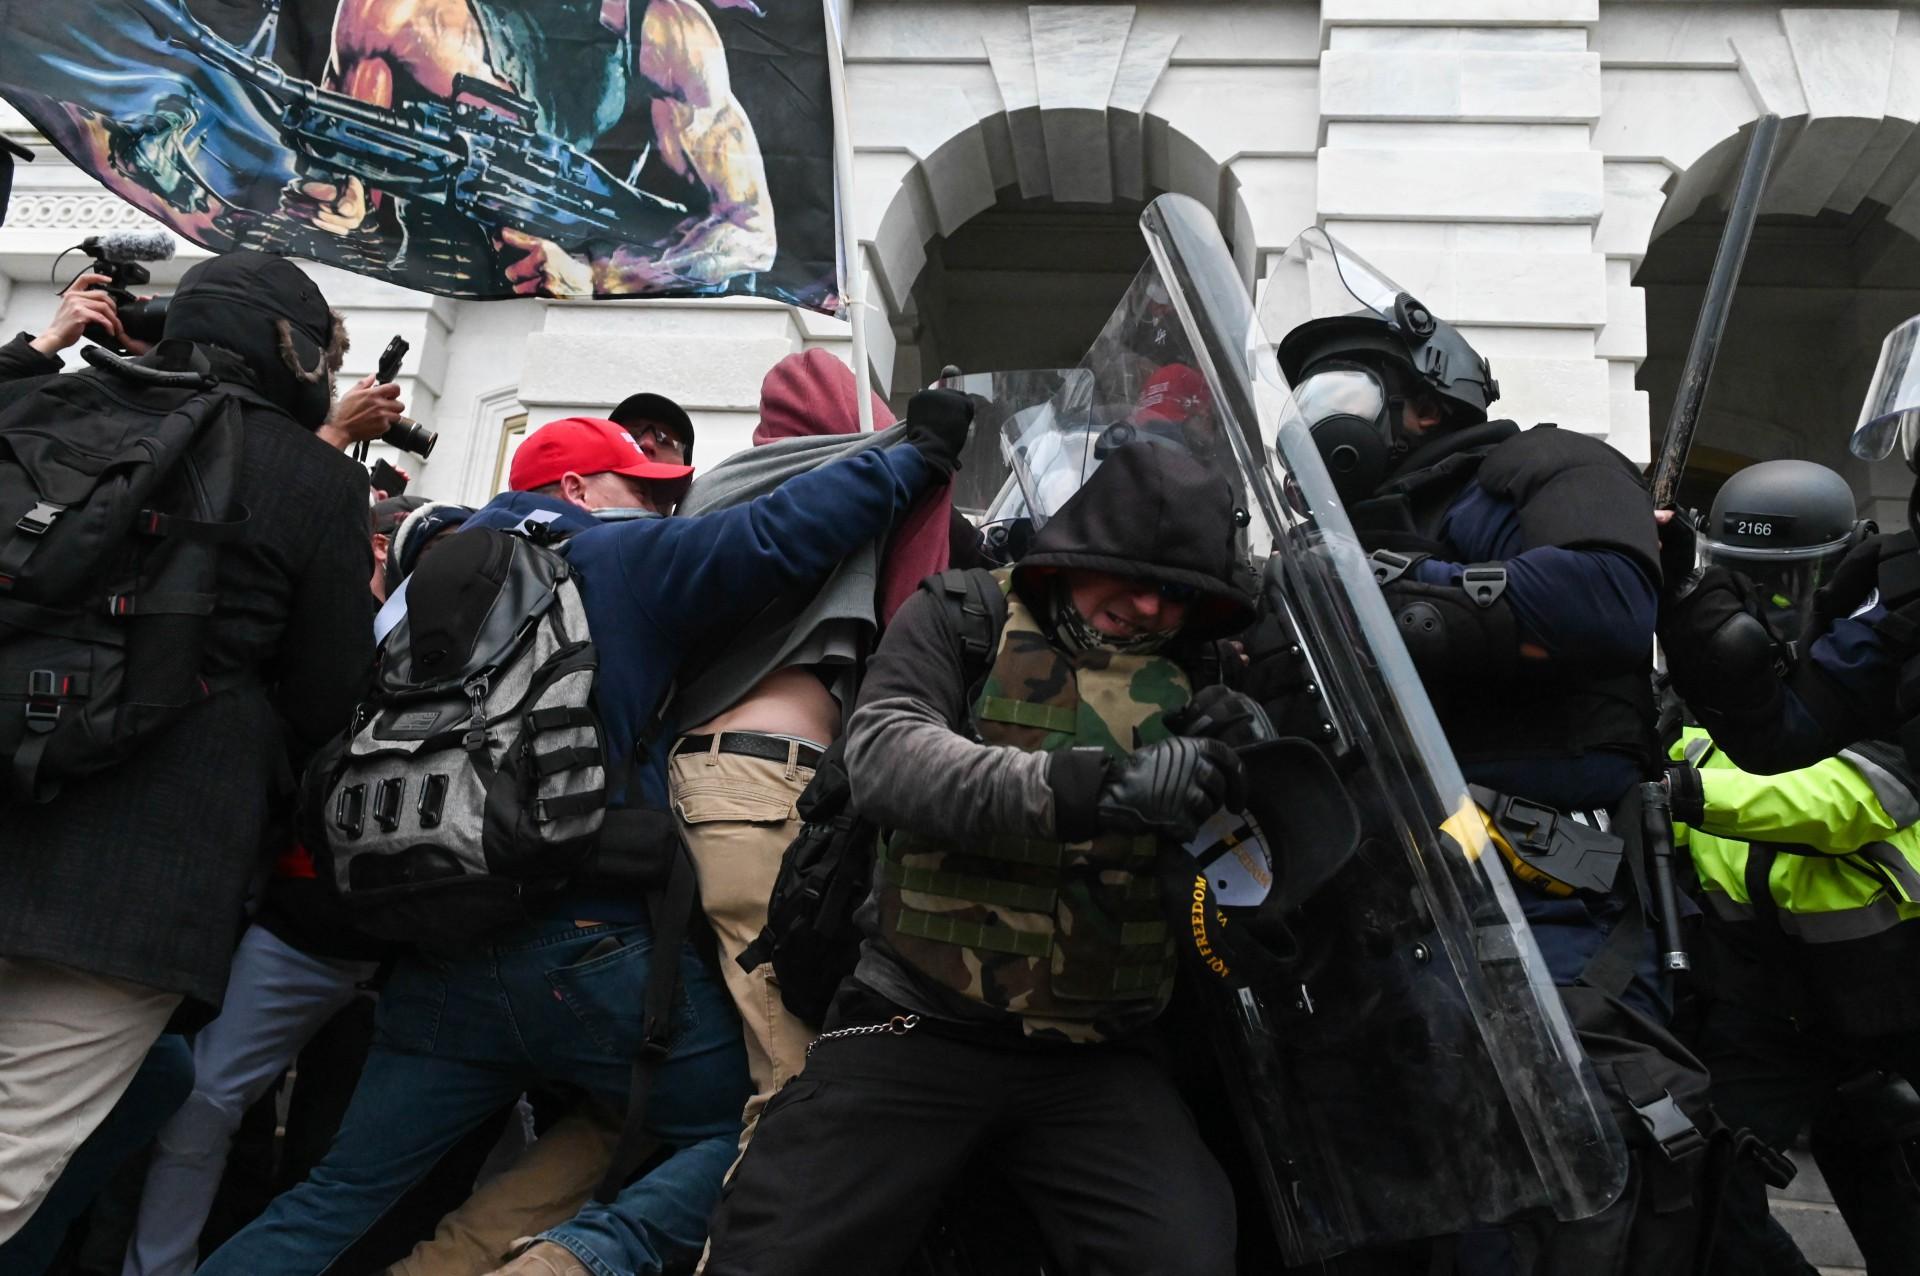 (Foto: ROBERTO SCHMIDT / AFP)A polícia de choque repele uma multidão de apoiadores do presidente dos EUA, Donald Trump, depois que eles invadiram o prédio do Capitólio em 6 de janeiro de 2021 em Washington, DC. - Os partidários de Donald Trump invadiram uma sessão do Congresso realizada hoje, 6 de janeiro, para certificar a vitória eleitoral de Joe Biden, desencadeando caos e violência sem precedentes no coração da democracia americana e acusações de que o presidente estava tentando um golpe. (Foto de ROBERTO SCHMIDT / AFP)